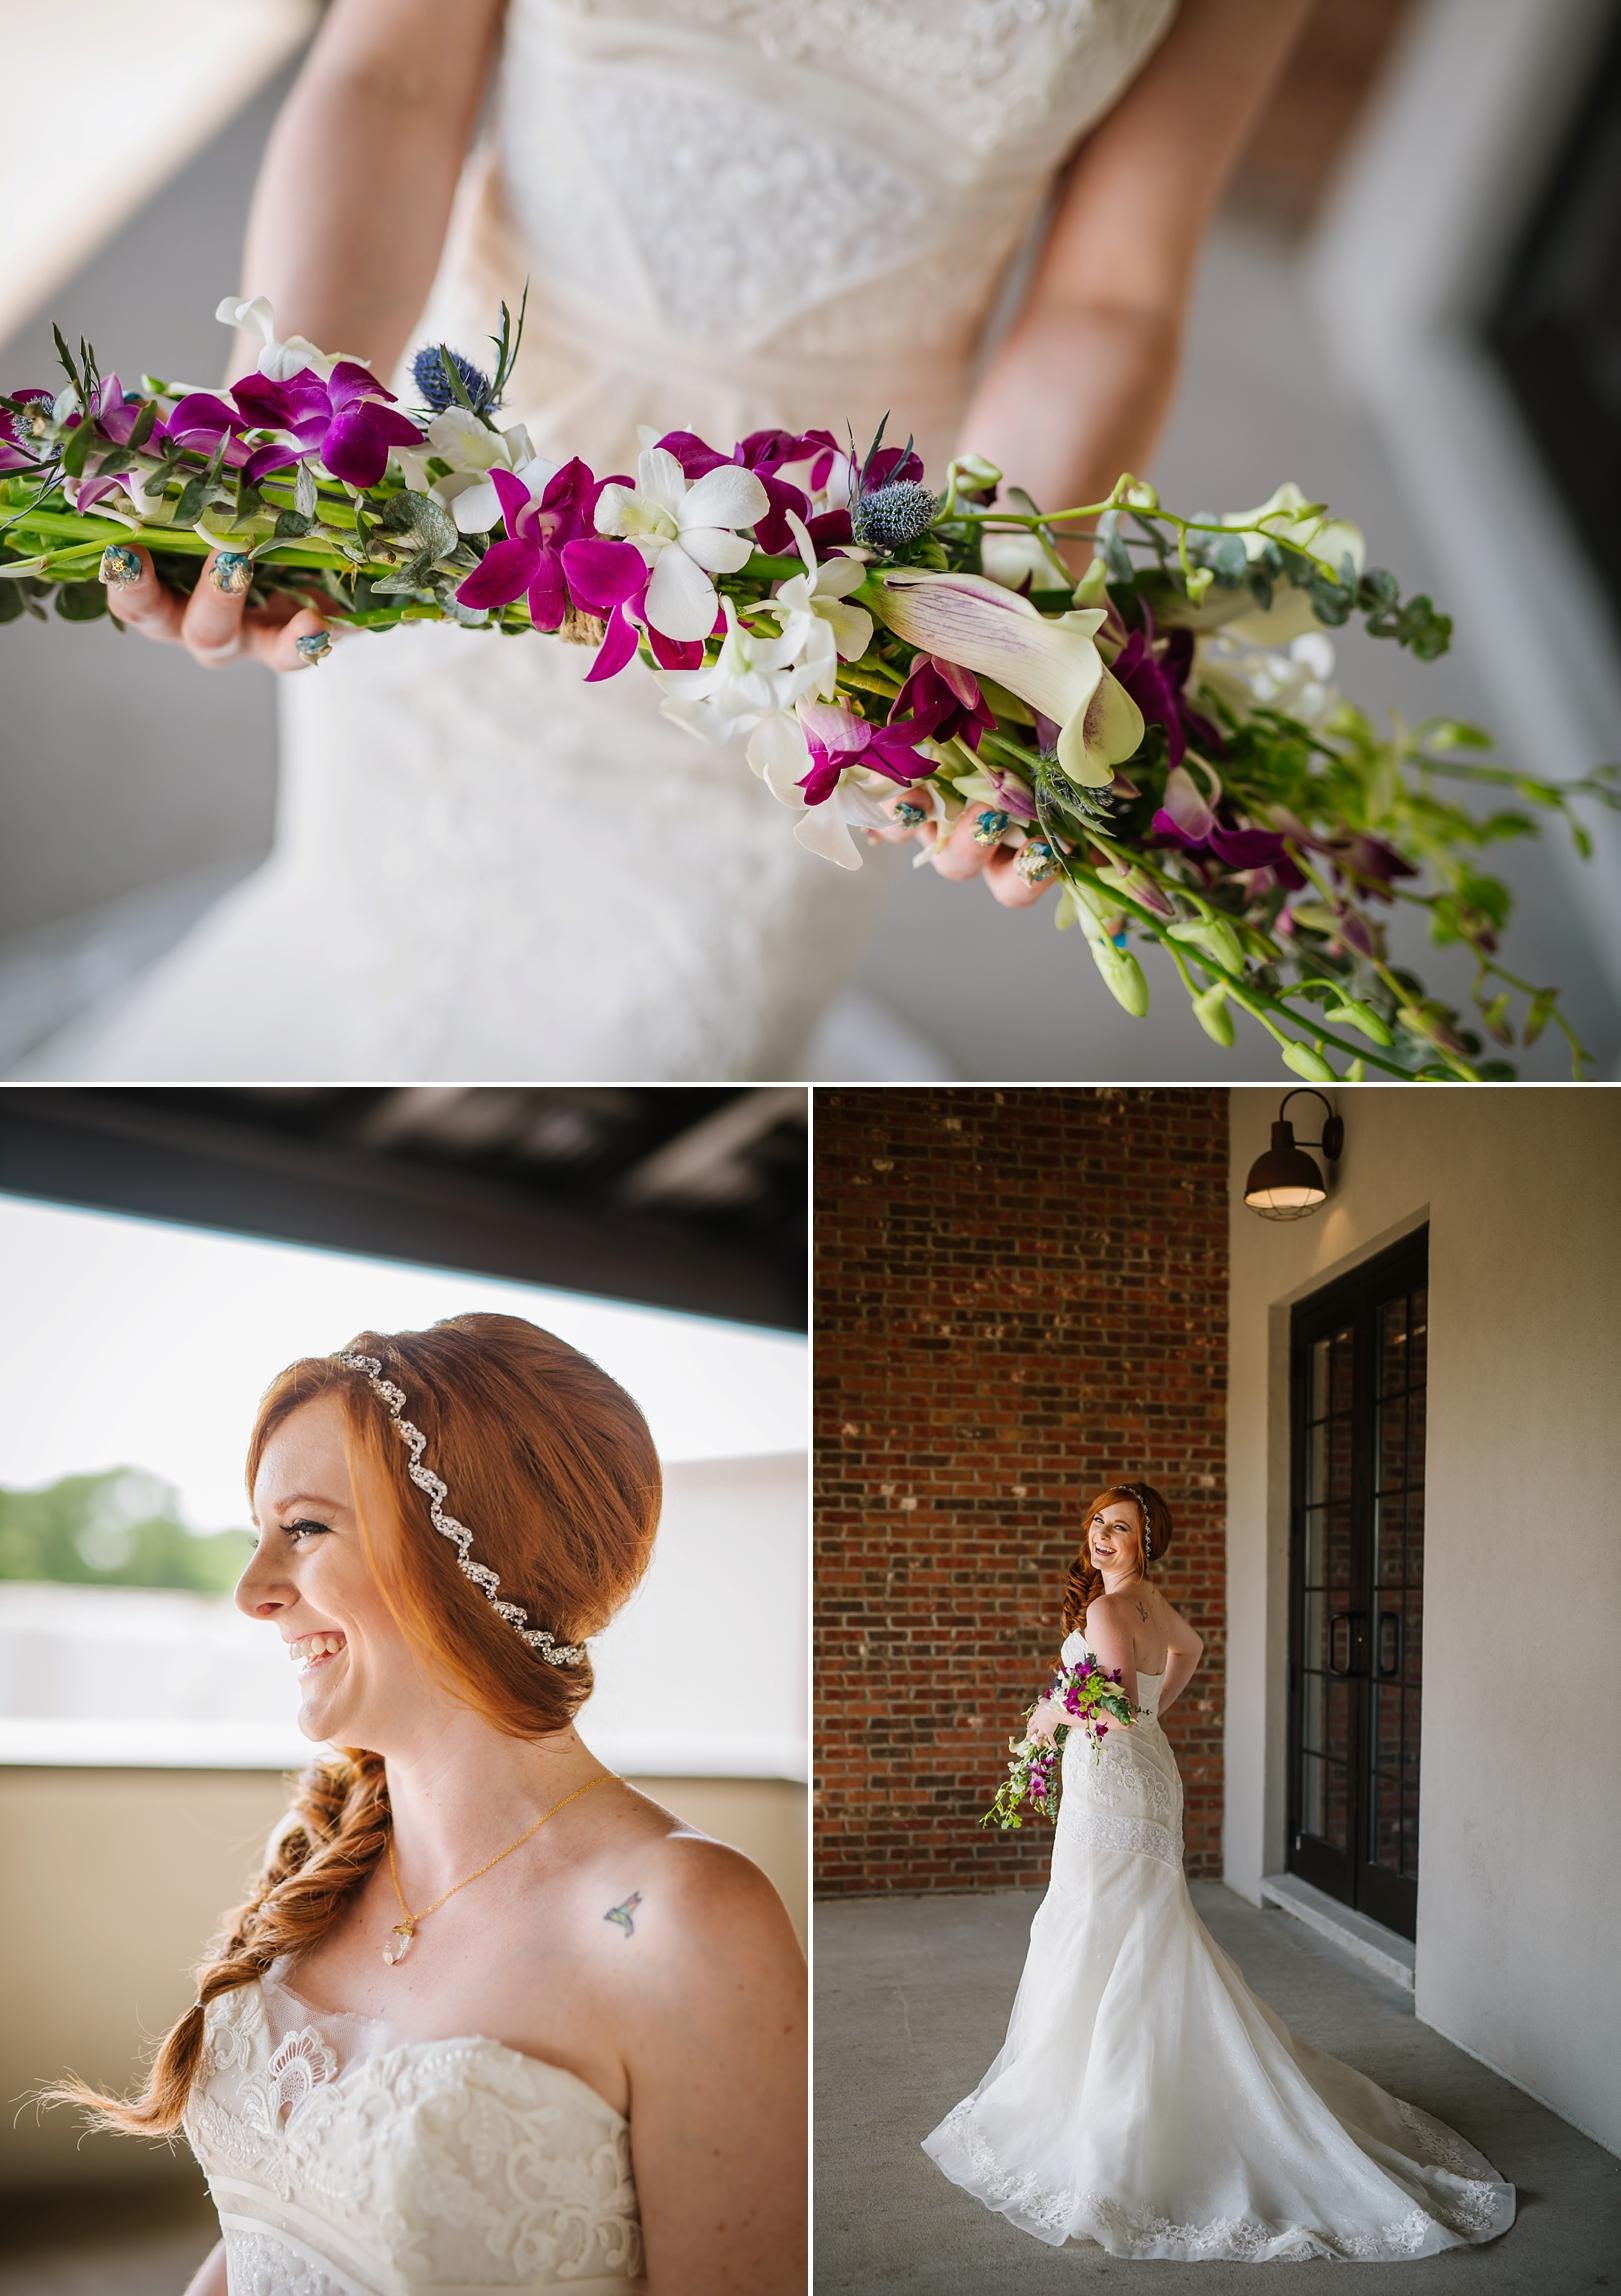 blue-nautical-brewery-unique-wedding-inspiration-photography-ashlee-hamon_0018.jpg